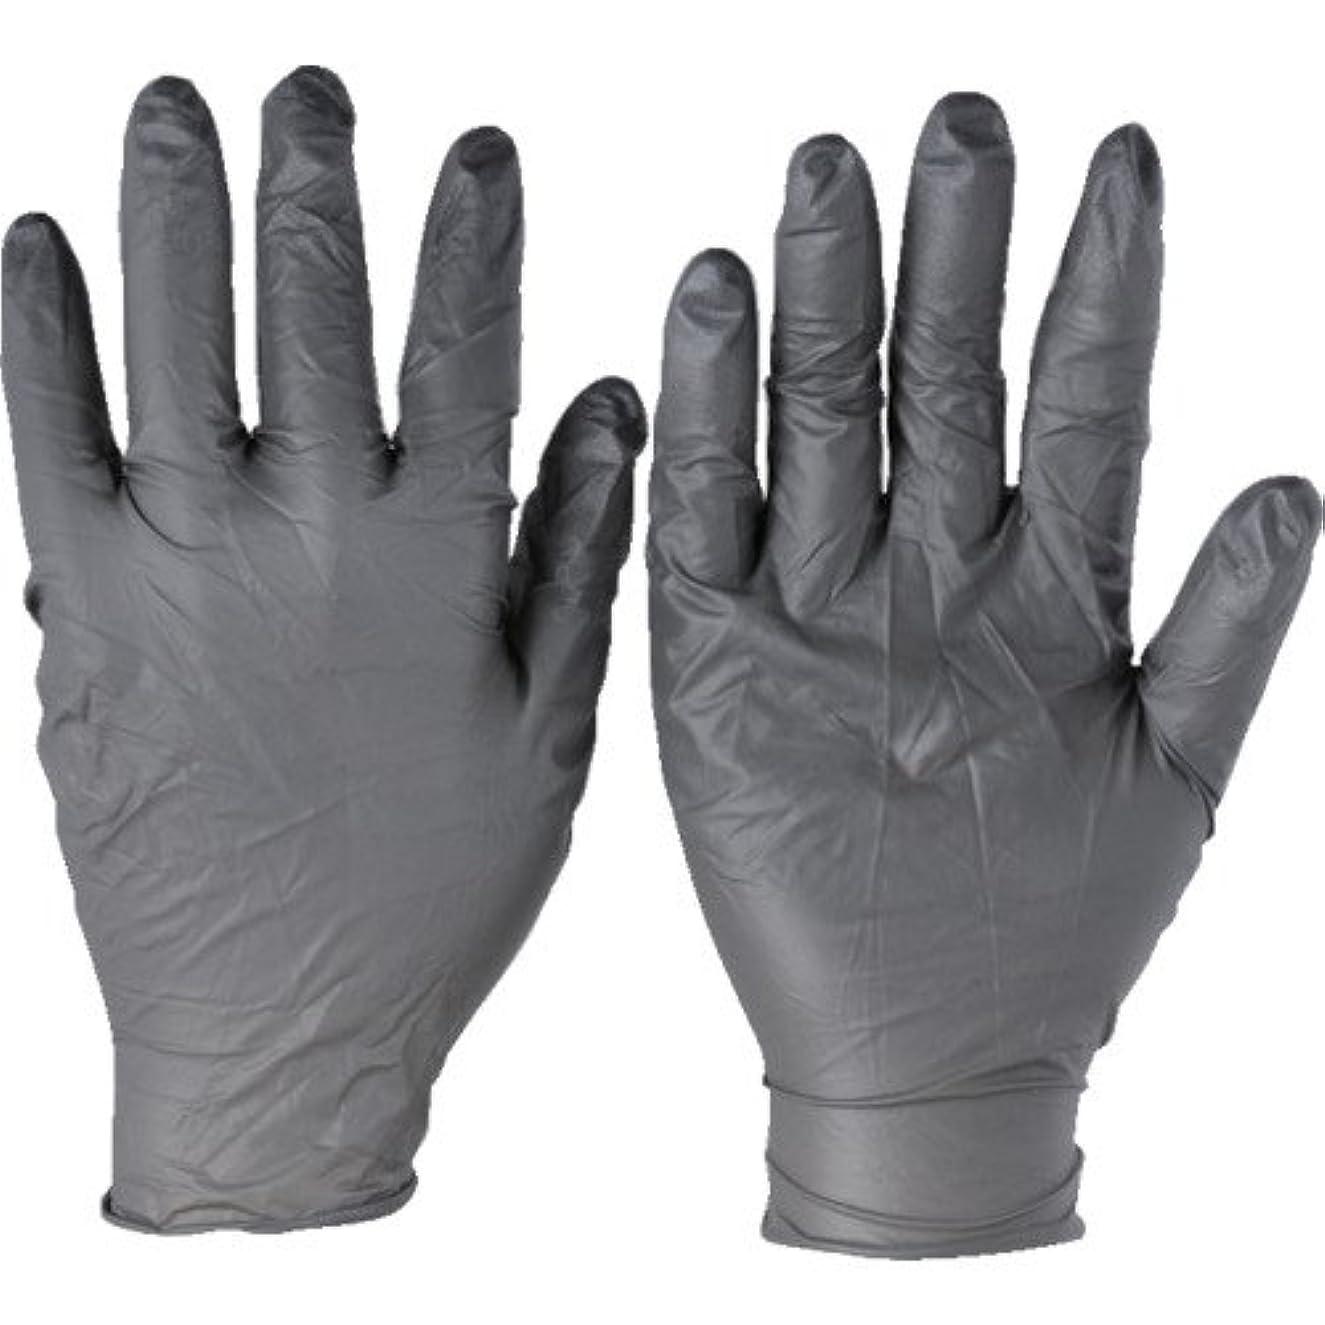 毎回句減少トラスコ中山 アンセル ニトリルゴム使い捨て手袋 タッチエヌタフ 粉無 XLサイズ100枚入 9325010